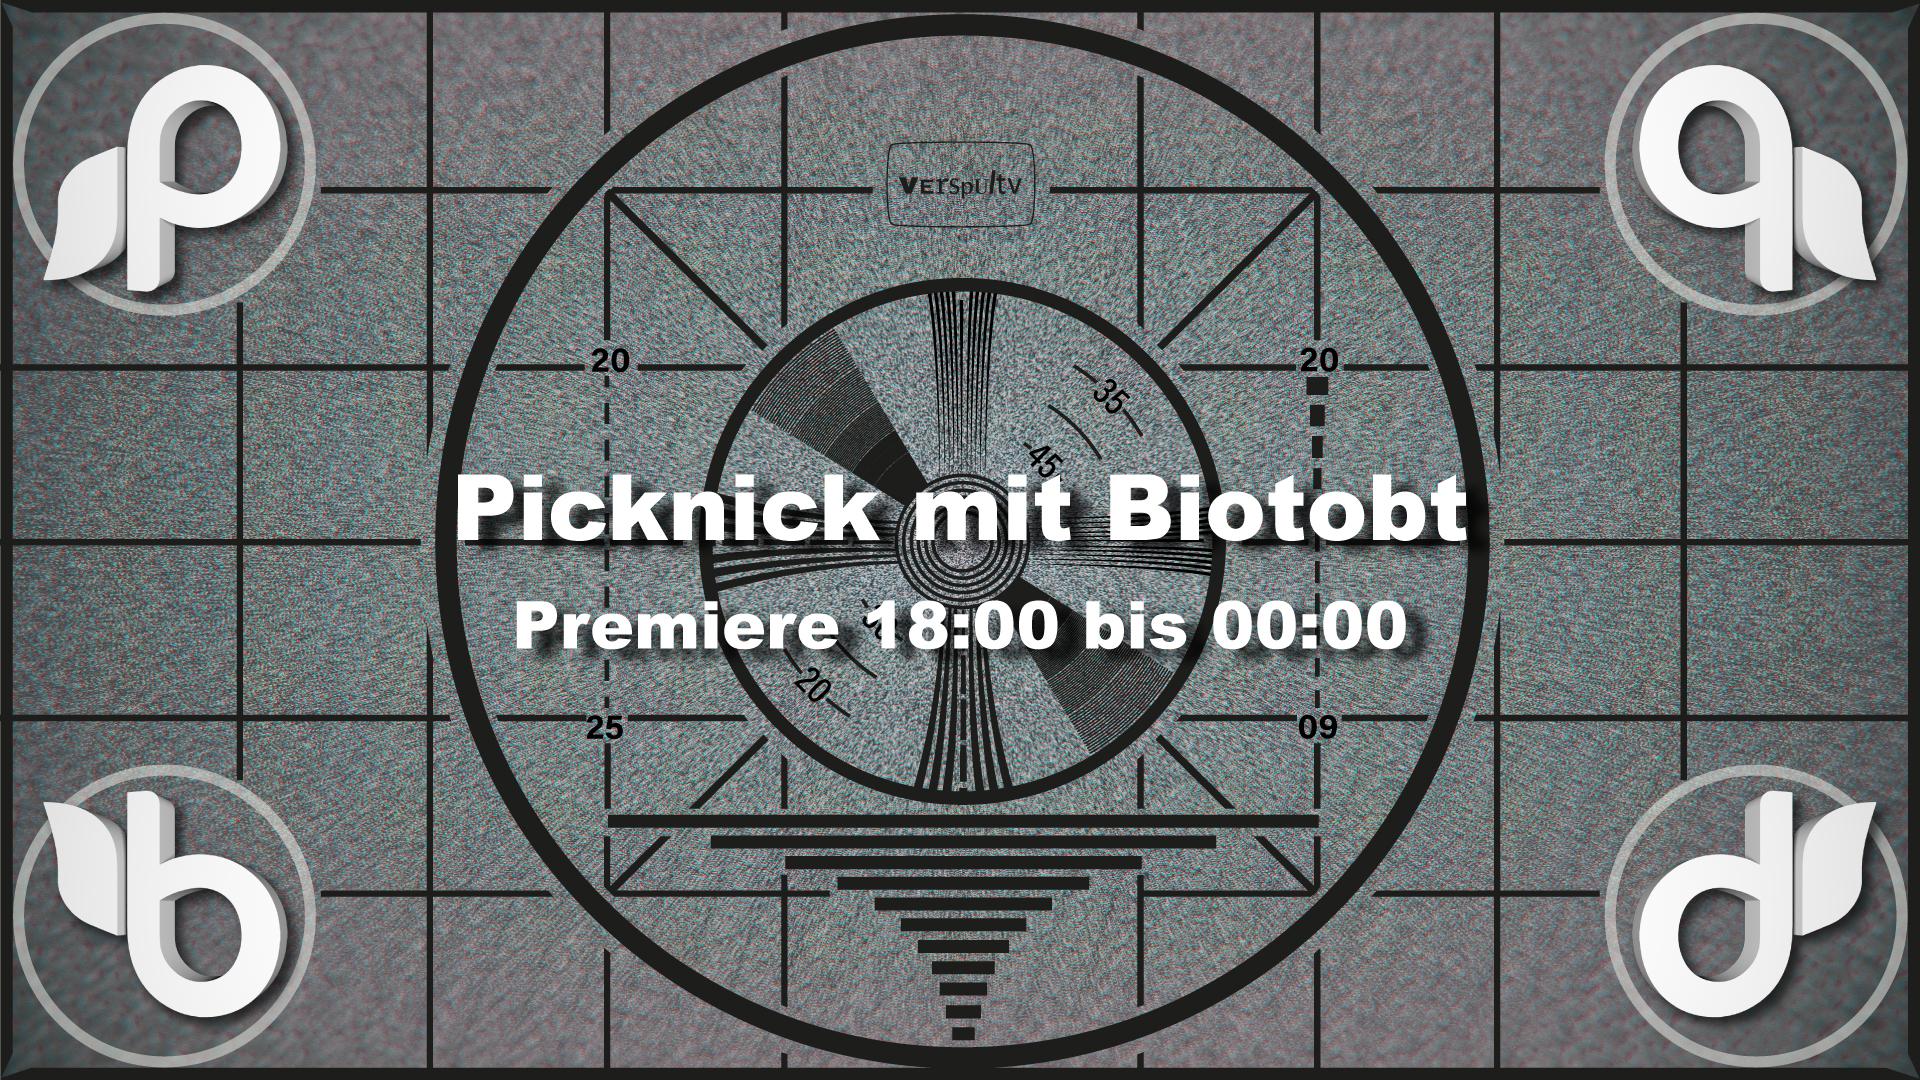 biotobt verspulTV stream 2020